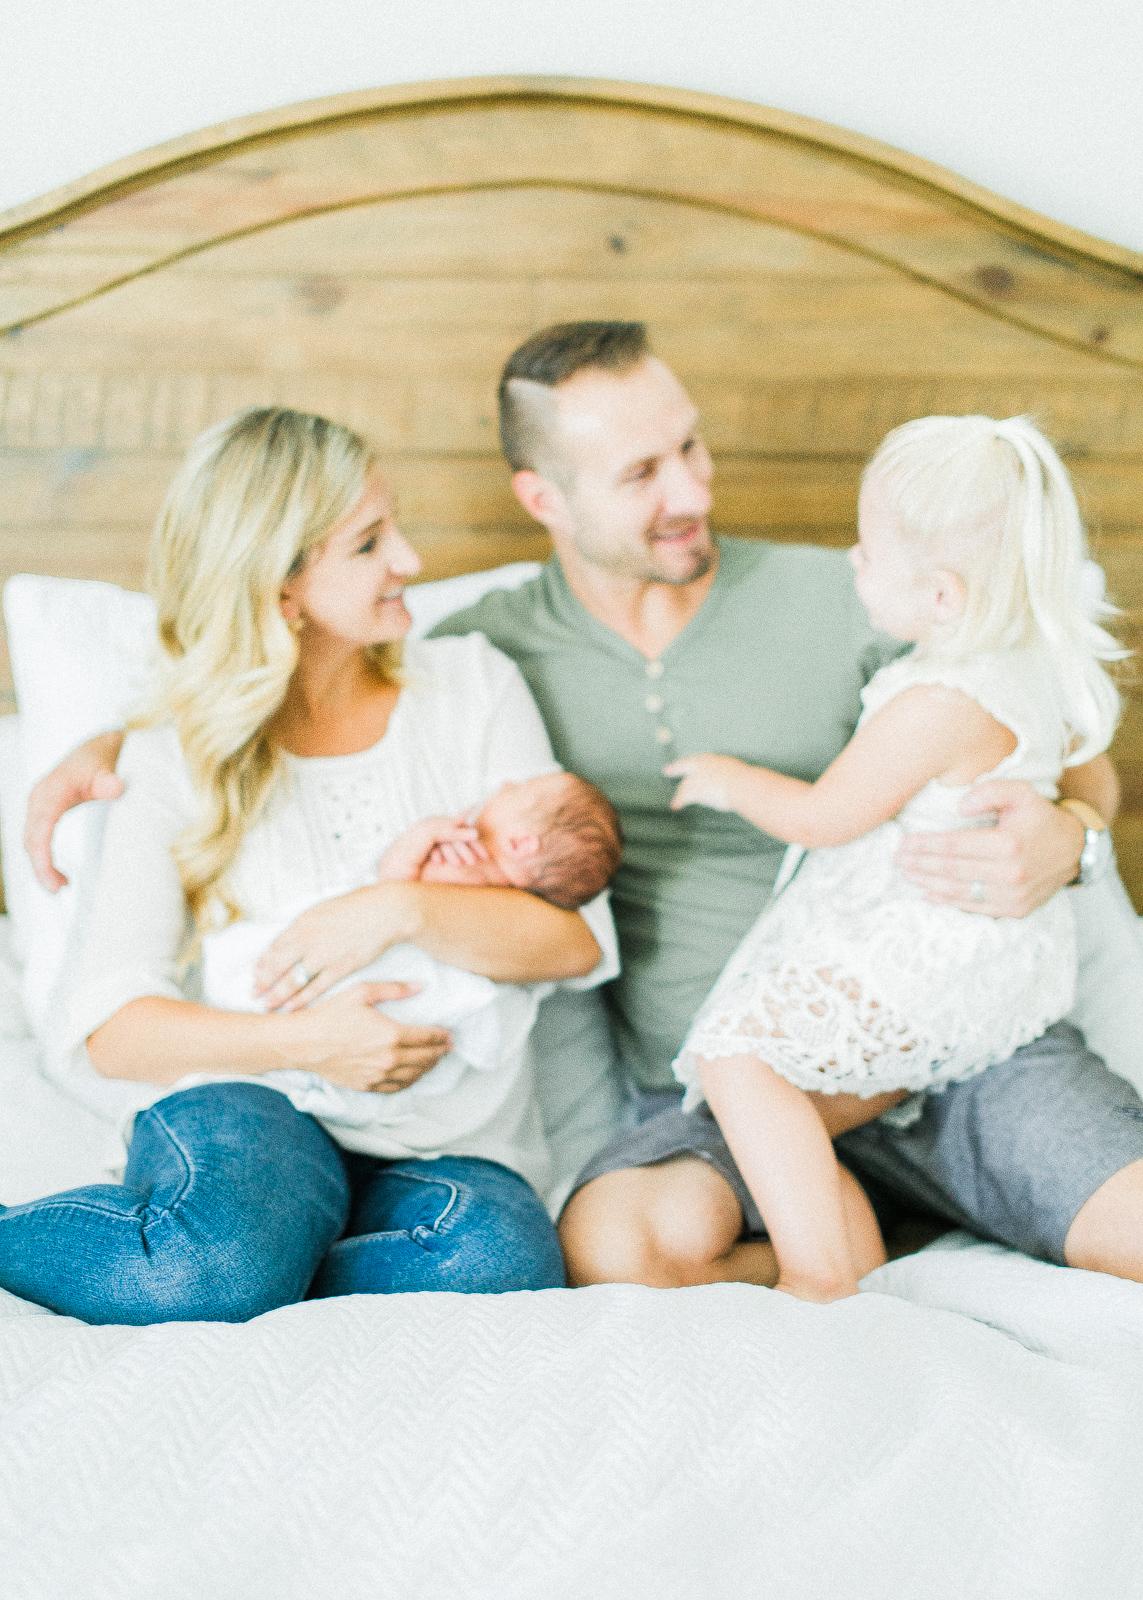 boise-newborn-photographer-13.jpg